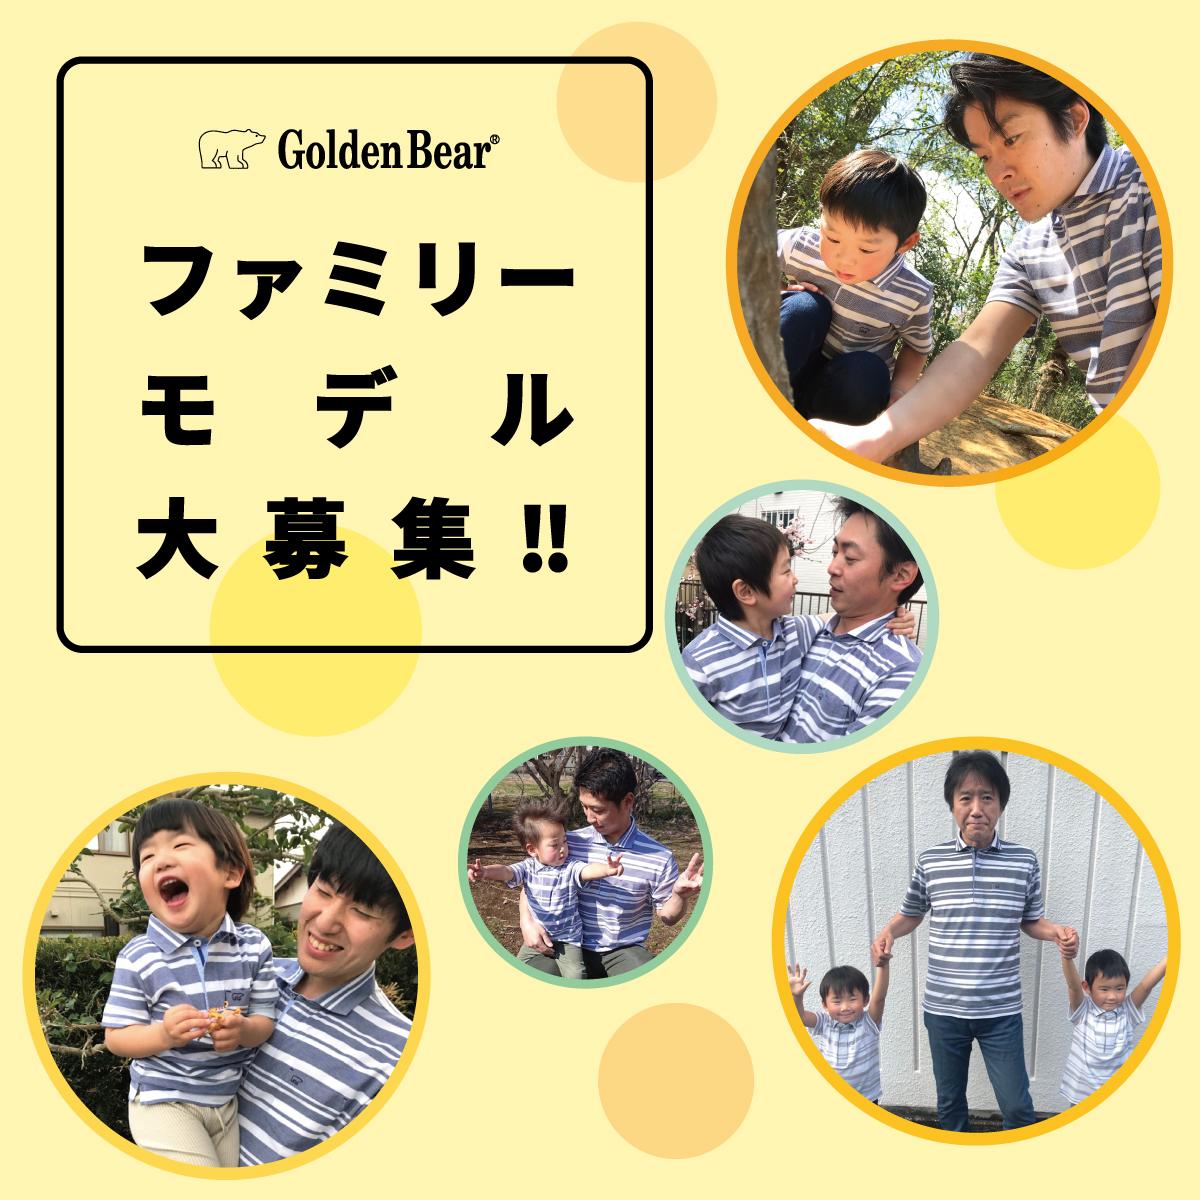 【Golden Bear】ユニモちはら台店 ファミリーモデル大募集中